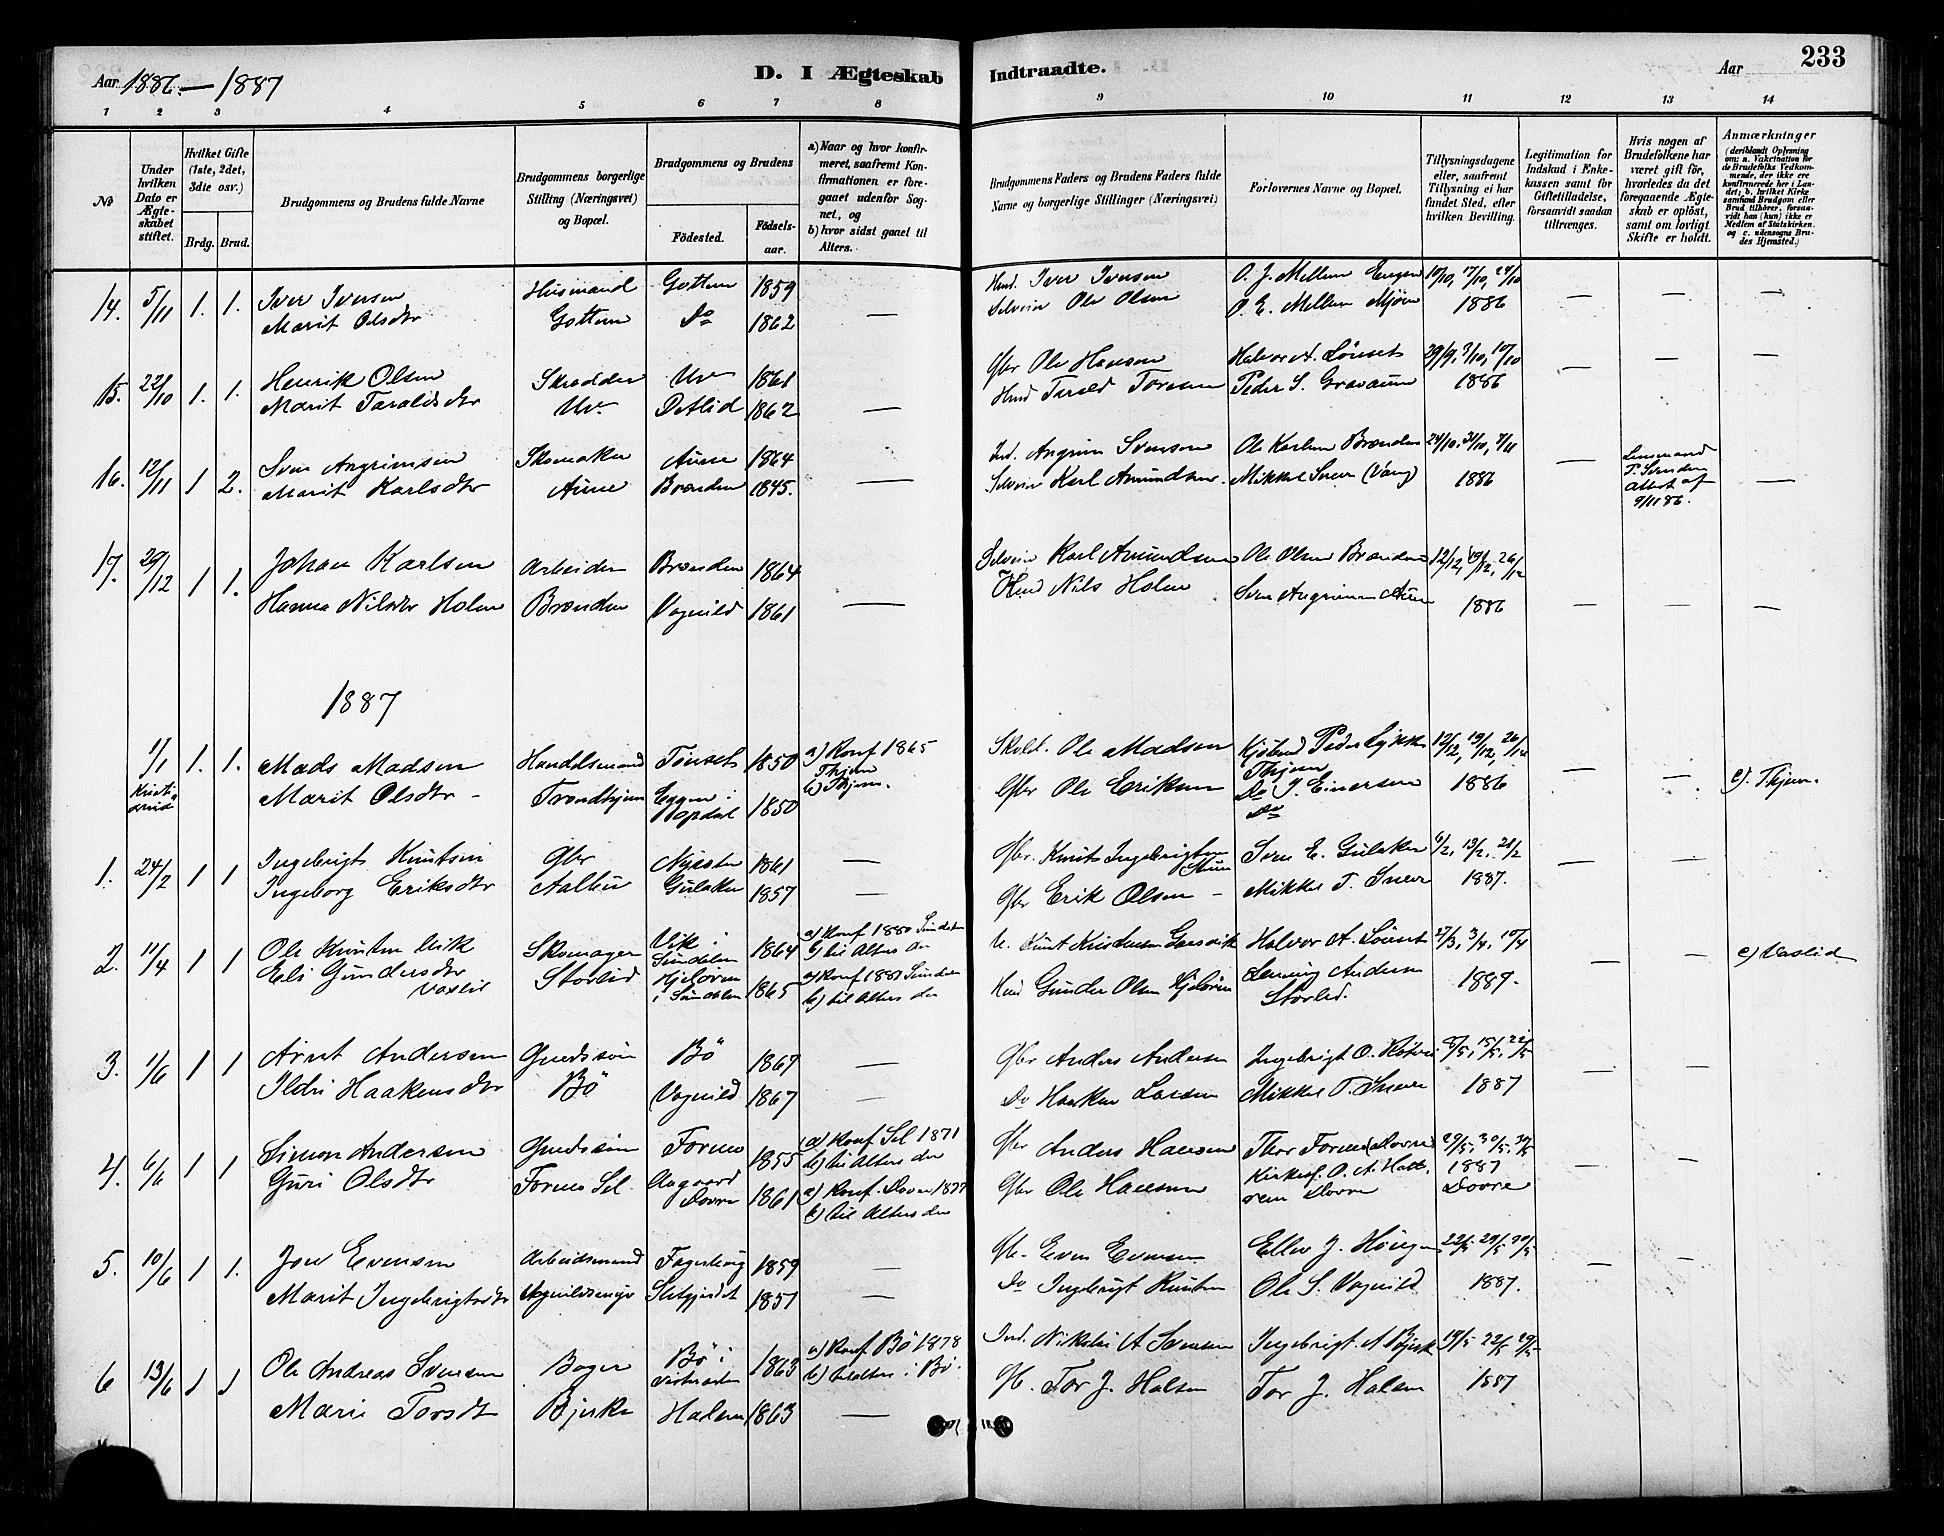 SAT, Ministerialprotokoller, klokkerbøker og fødselsregistre - Sør-Trøndelag, 678/L0901: Ministerialbok nr. 678A10, 1881-1894, s. 233